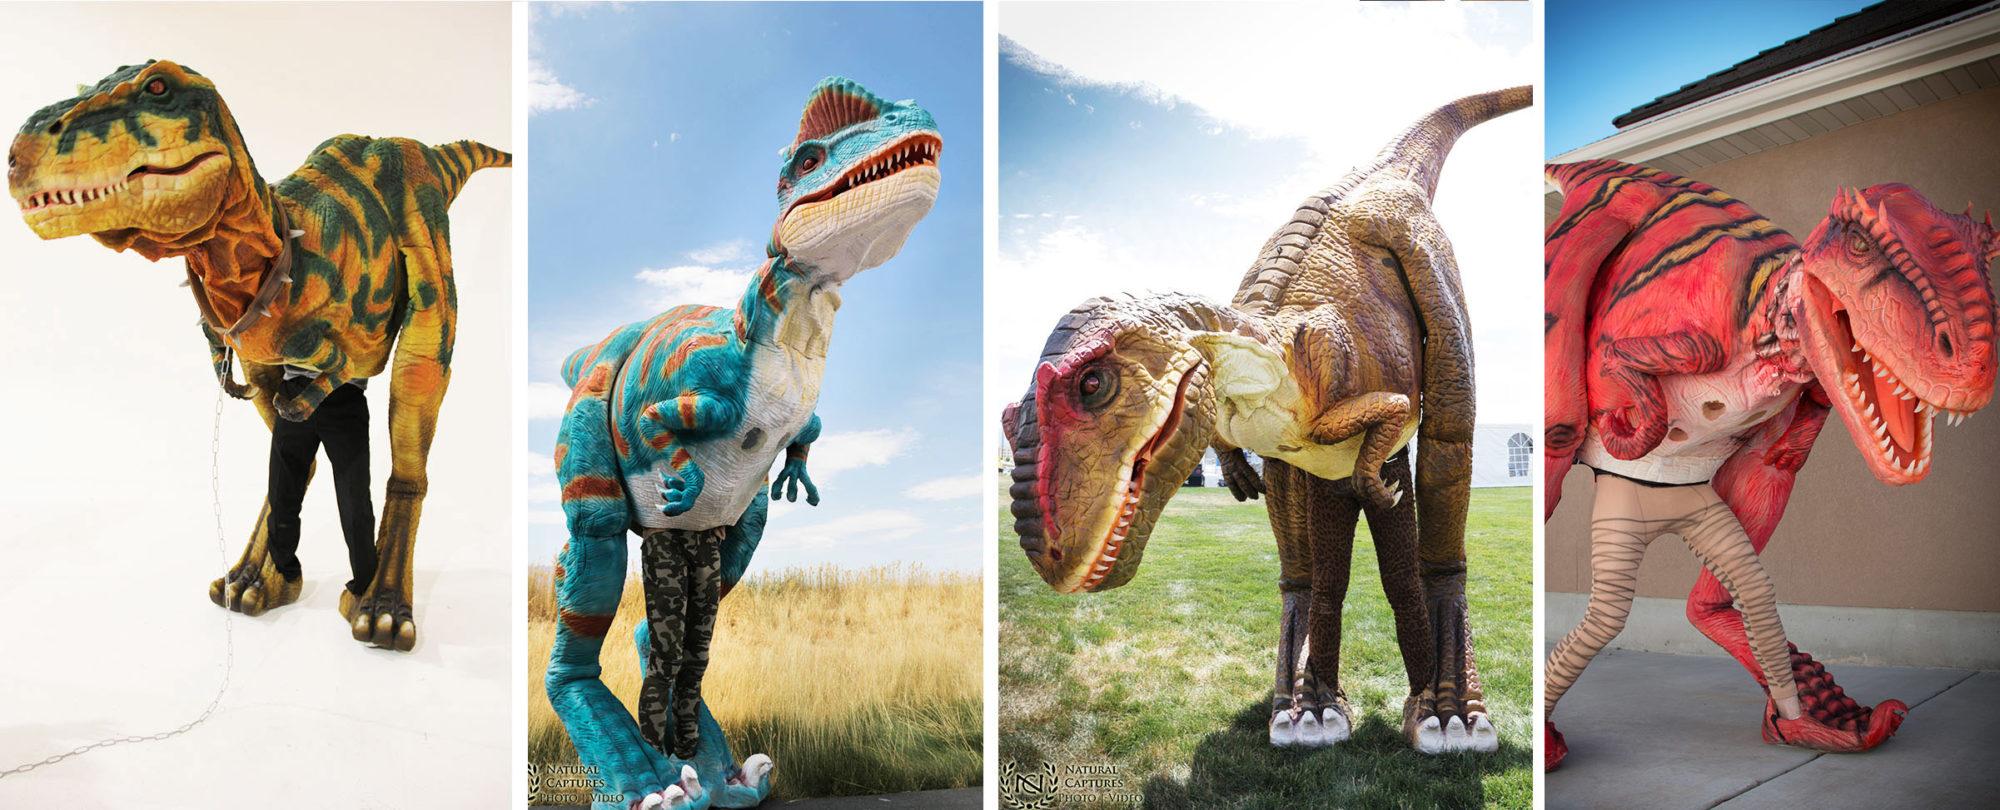 dinosaur-costume-fleet-Slider-2-e1489612287126.jpg